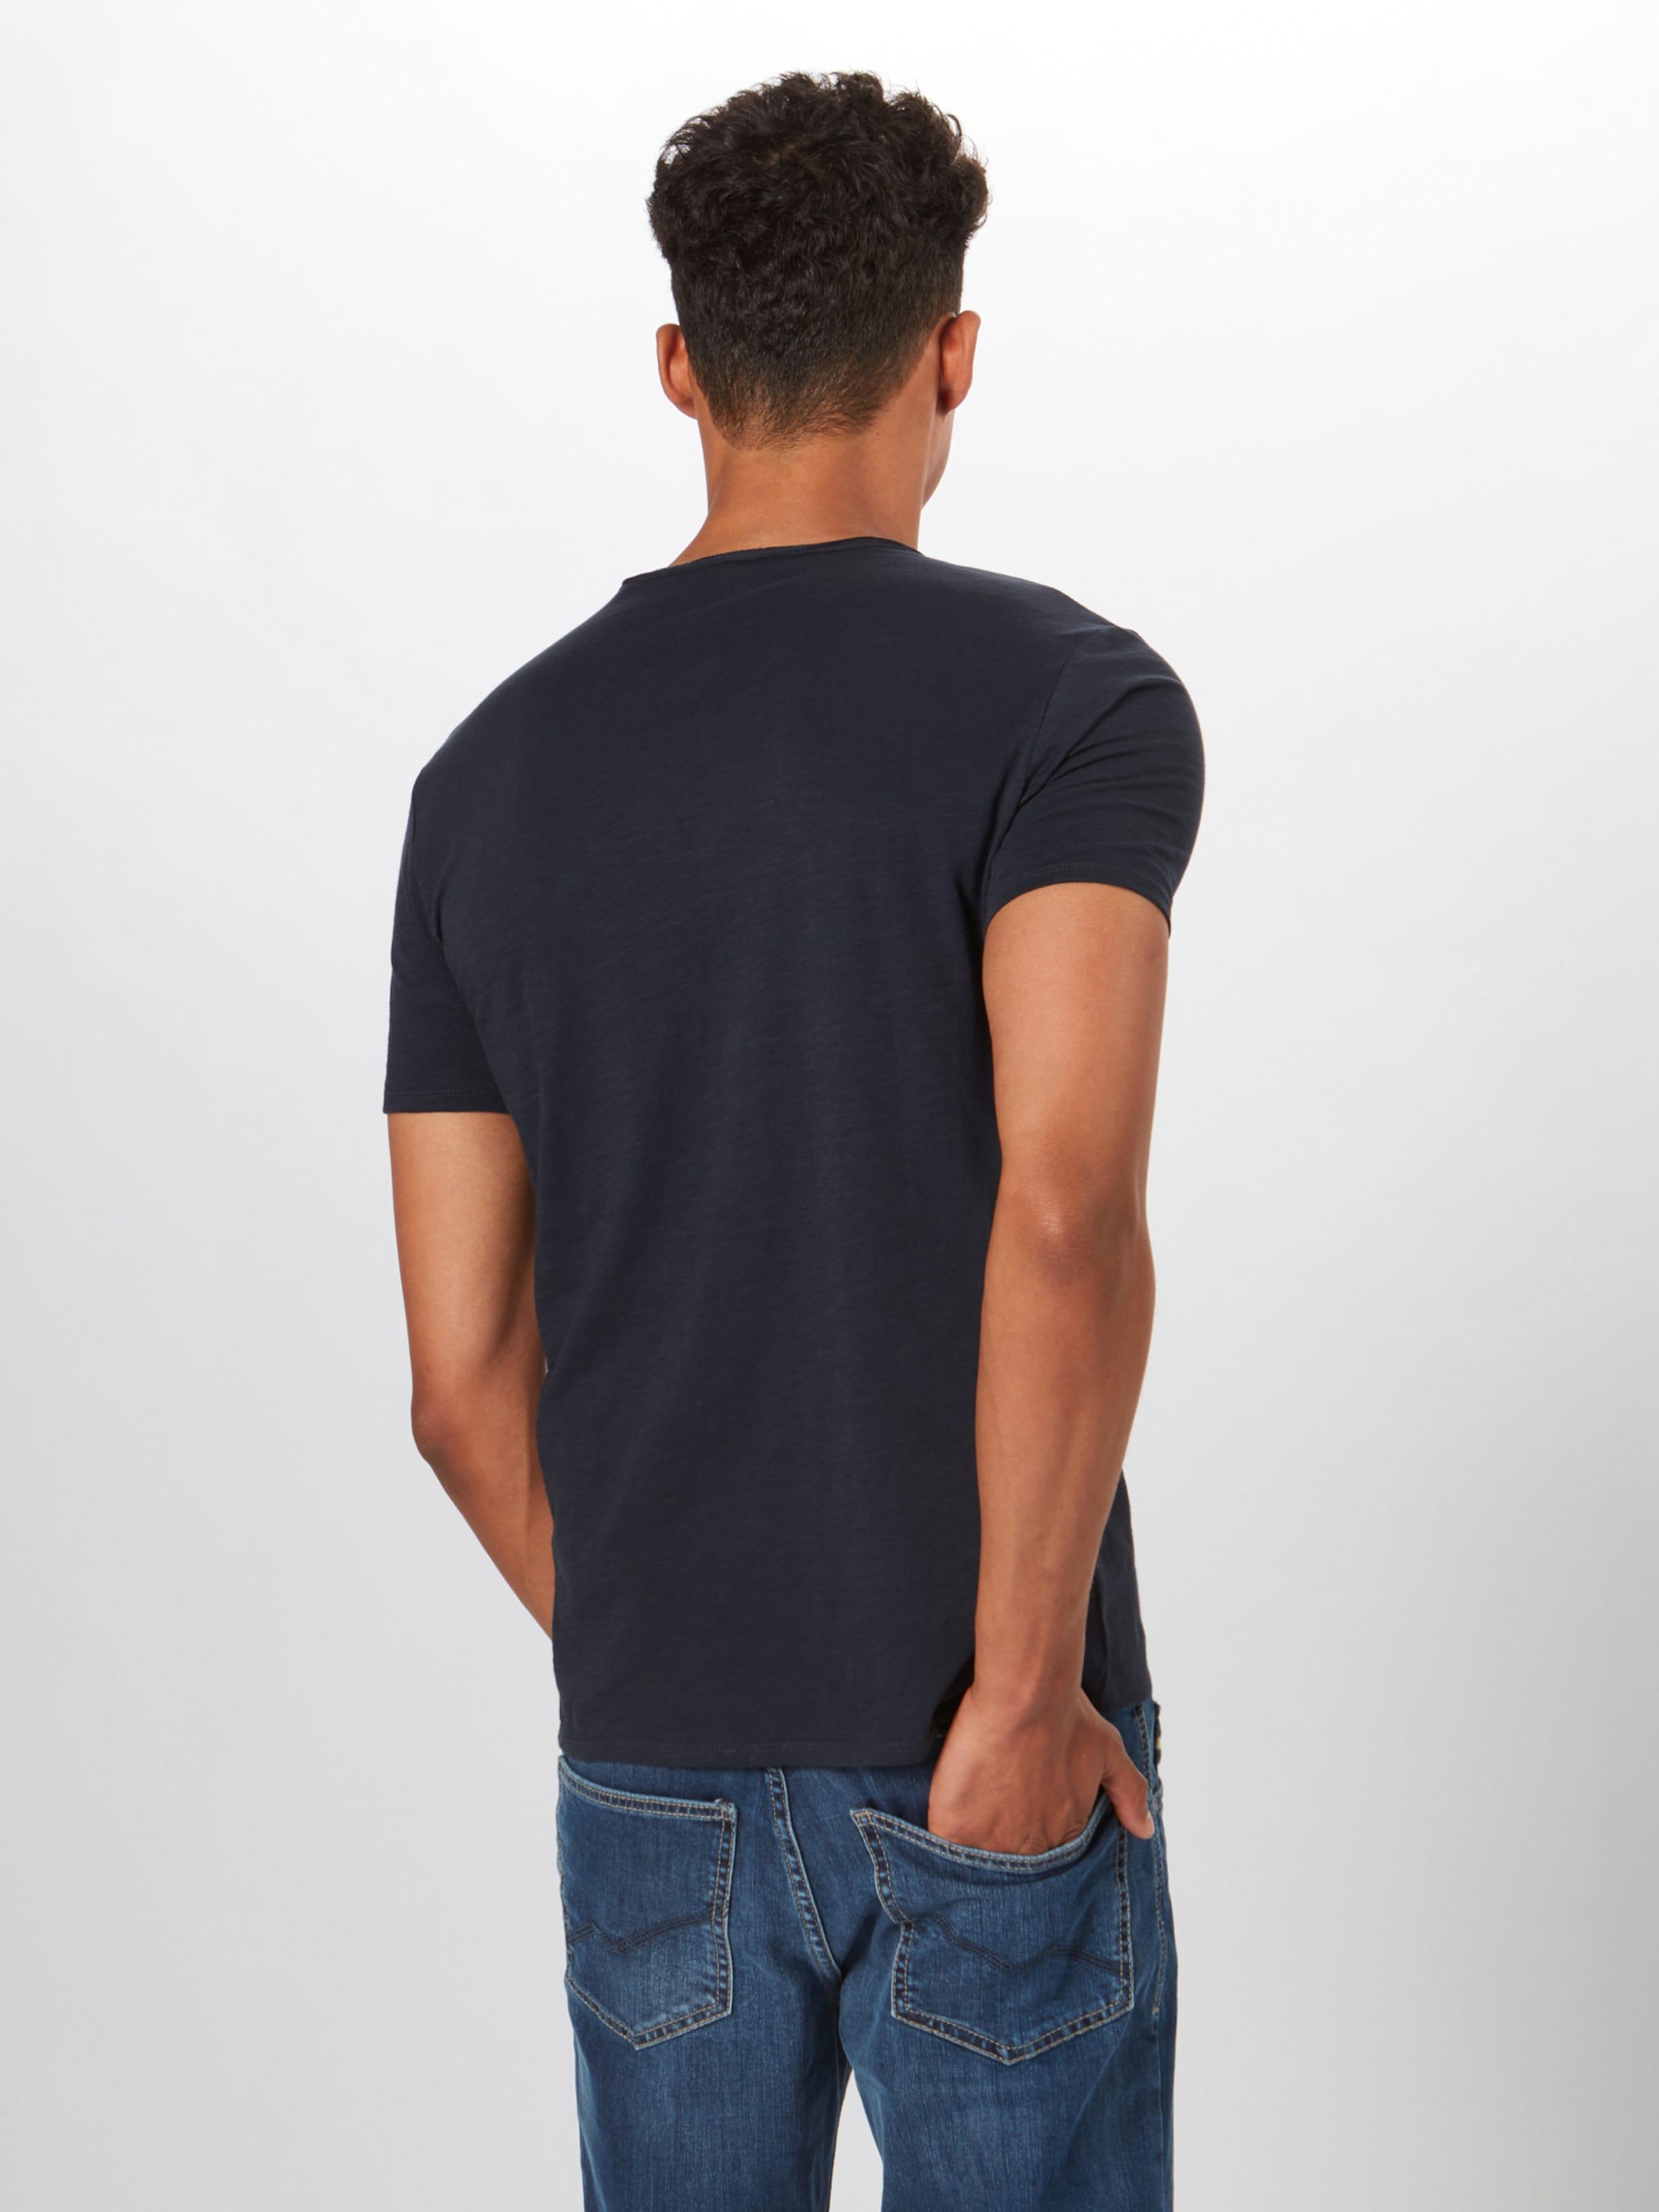 Dunkelblau Marc O'polo Marc Shirt In 6yv7gbYfI